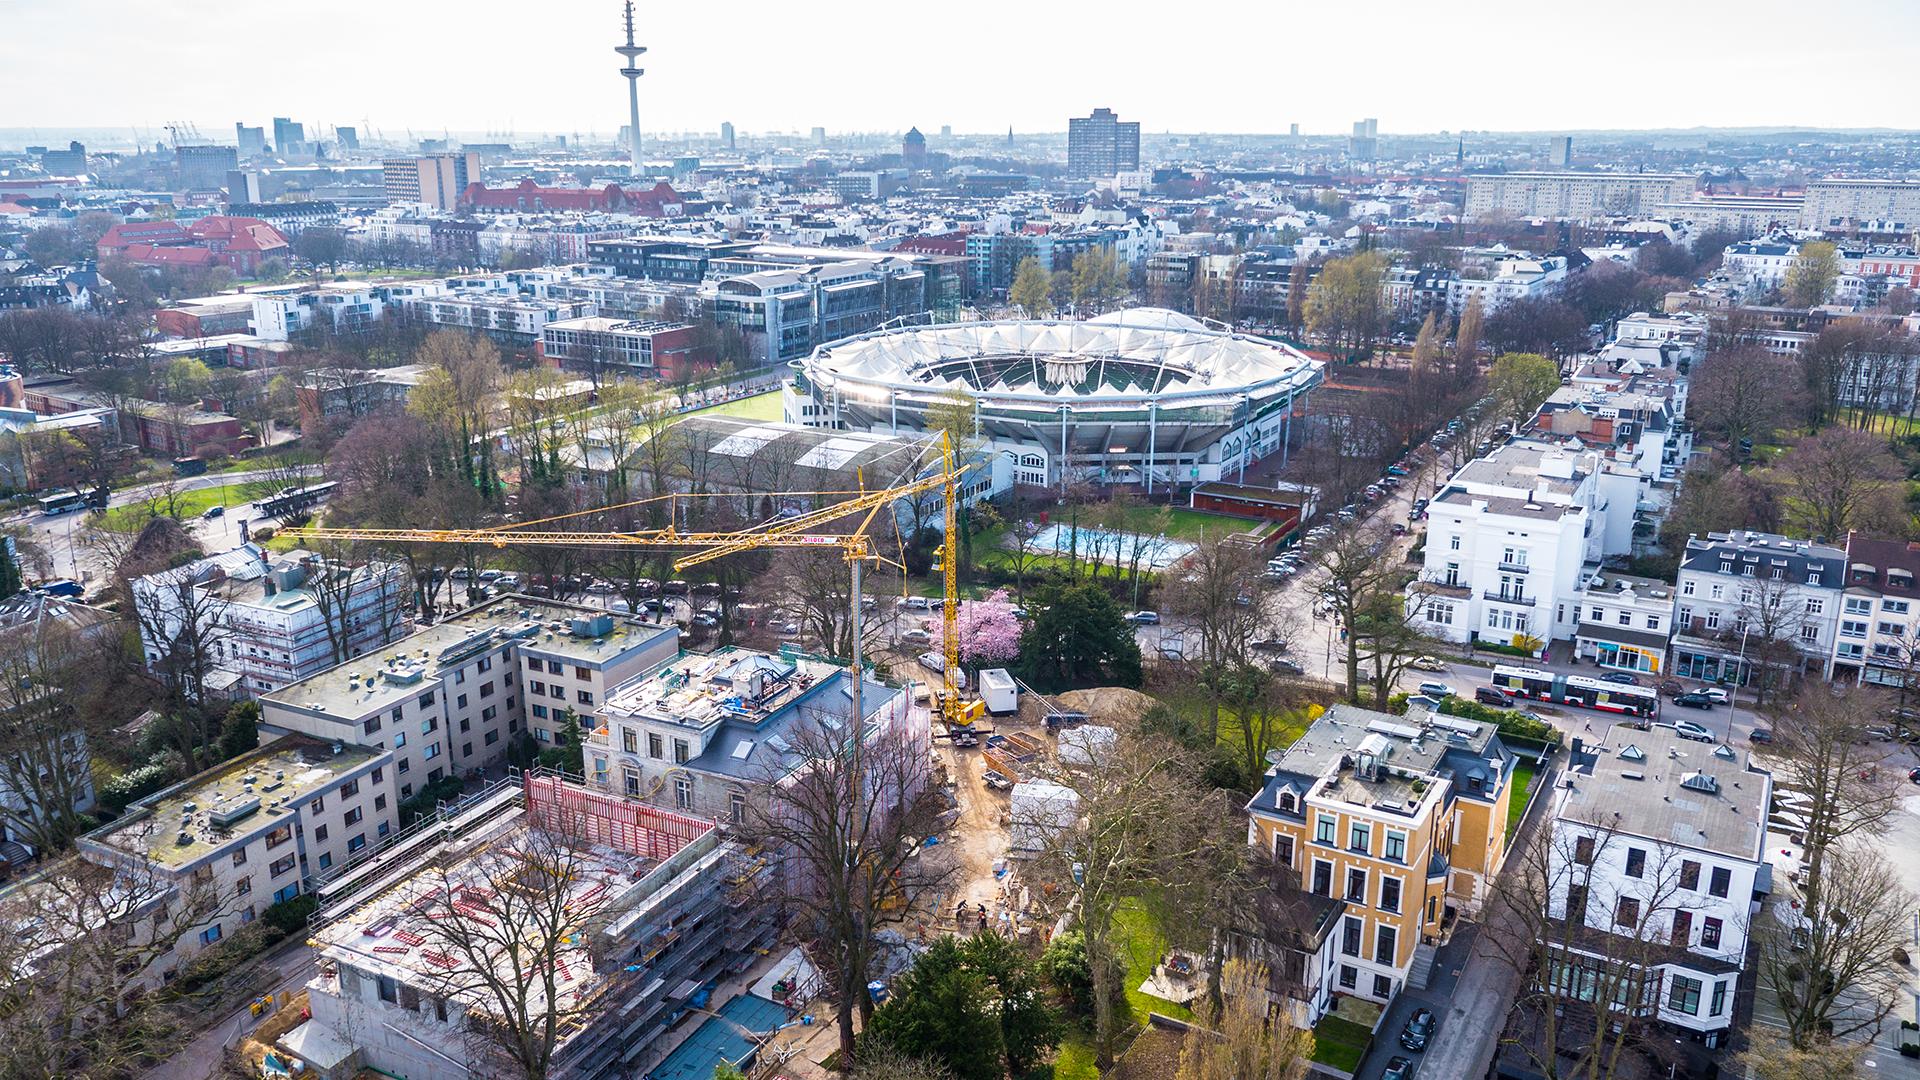 Tennisstadion Rothenbaum in Hamburg